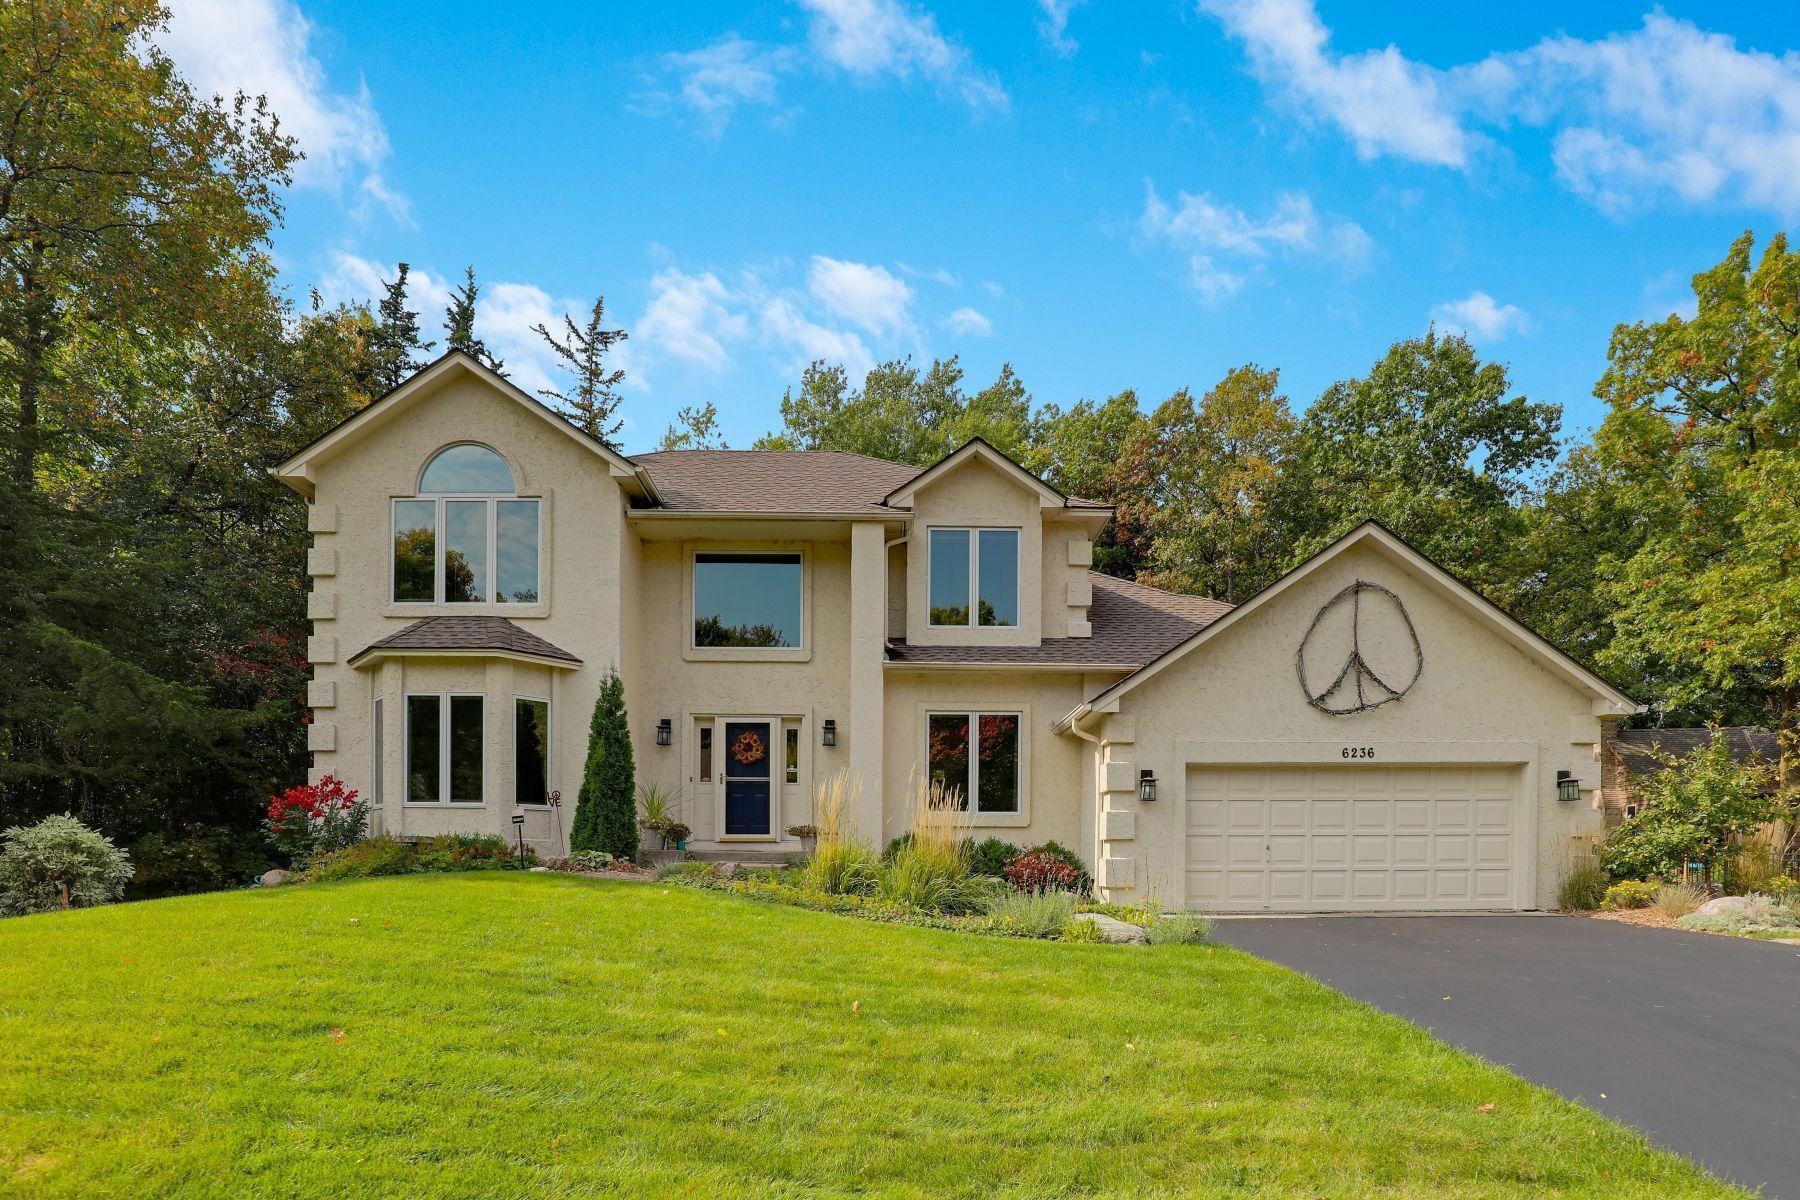 6236 Mallory Lane Property Photo - Eden Prairie, MN real estate listing